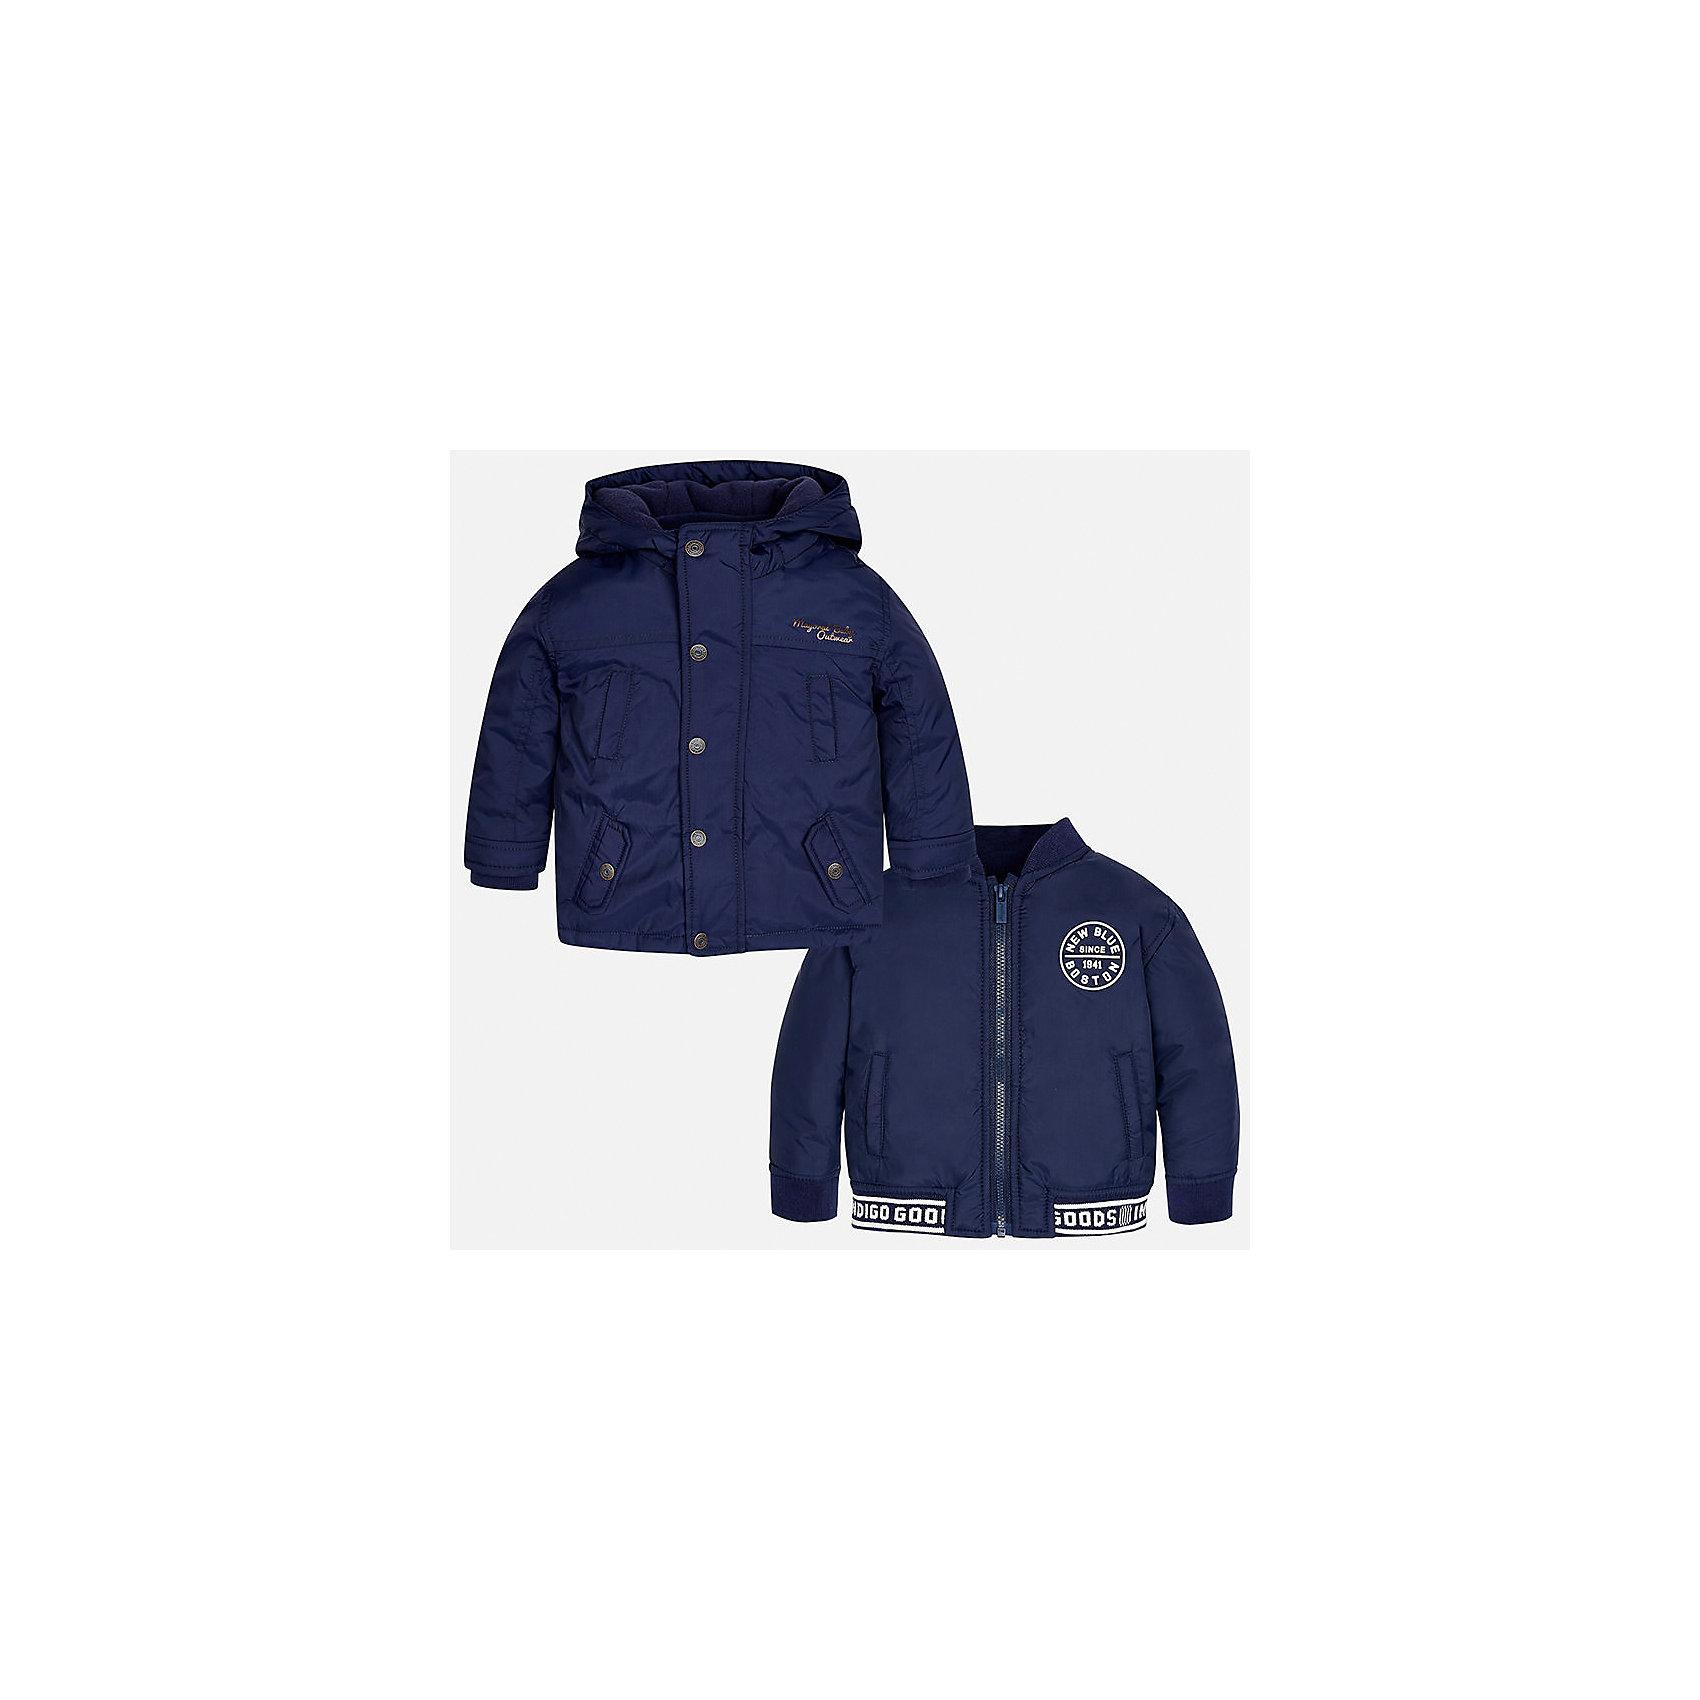 Куртка для мальчика MayoralВерхняя одежда<br>Характеристики товара:<br><br>• цвет: синий<br>• состав ткани: 100% полиамид<br>• подкладка: 100% полиамид<br>• утеплитель: 100% полиэстер<br>• сезон: демисезон<br>• температурный режим: от -10 до +10<br>• особенности модели: с капюшоном, куртка-подстежка в комплекте<br>• капюшон: несъемный<br>• застежка: молния, кнопки<br>• страна бренда: Испания<br>• страна изготовитель: Индия<br><br>Синяя демисезонная детская куртка подойдет для переменной погоды - в комплекте с ней идет более легкая подстежка, которая может быть самостоятельным предметом одежды. Отличный способ обеспечить ребенку тепло и комфорт - надеть теплую куртку от Mayoral. Детская куртка сшита из приятного на ощупь материала.<br><br>Куртку для мальчика Mayoral (Майорал) можно купить в нашем интернет-магазине.<br><br>Ширина мм: 356<br>Глубина мм: 10<br>Высота мм: 245<br>Вес г: 519<br>Цвет: синий<br>Возраст от месяцев: 24<br>Возраст до месяцев: 36<br>Пол: Мужской<br>Возраст: Детский<br>Размер: 98,80,86,92<br>SKU: 6935190